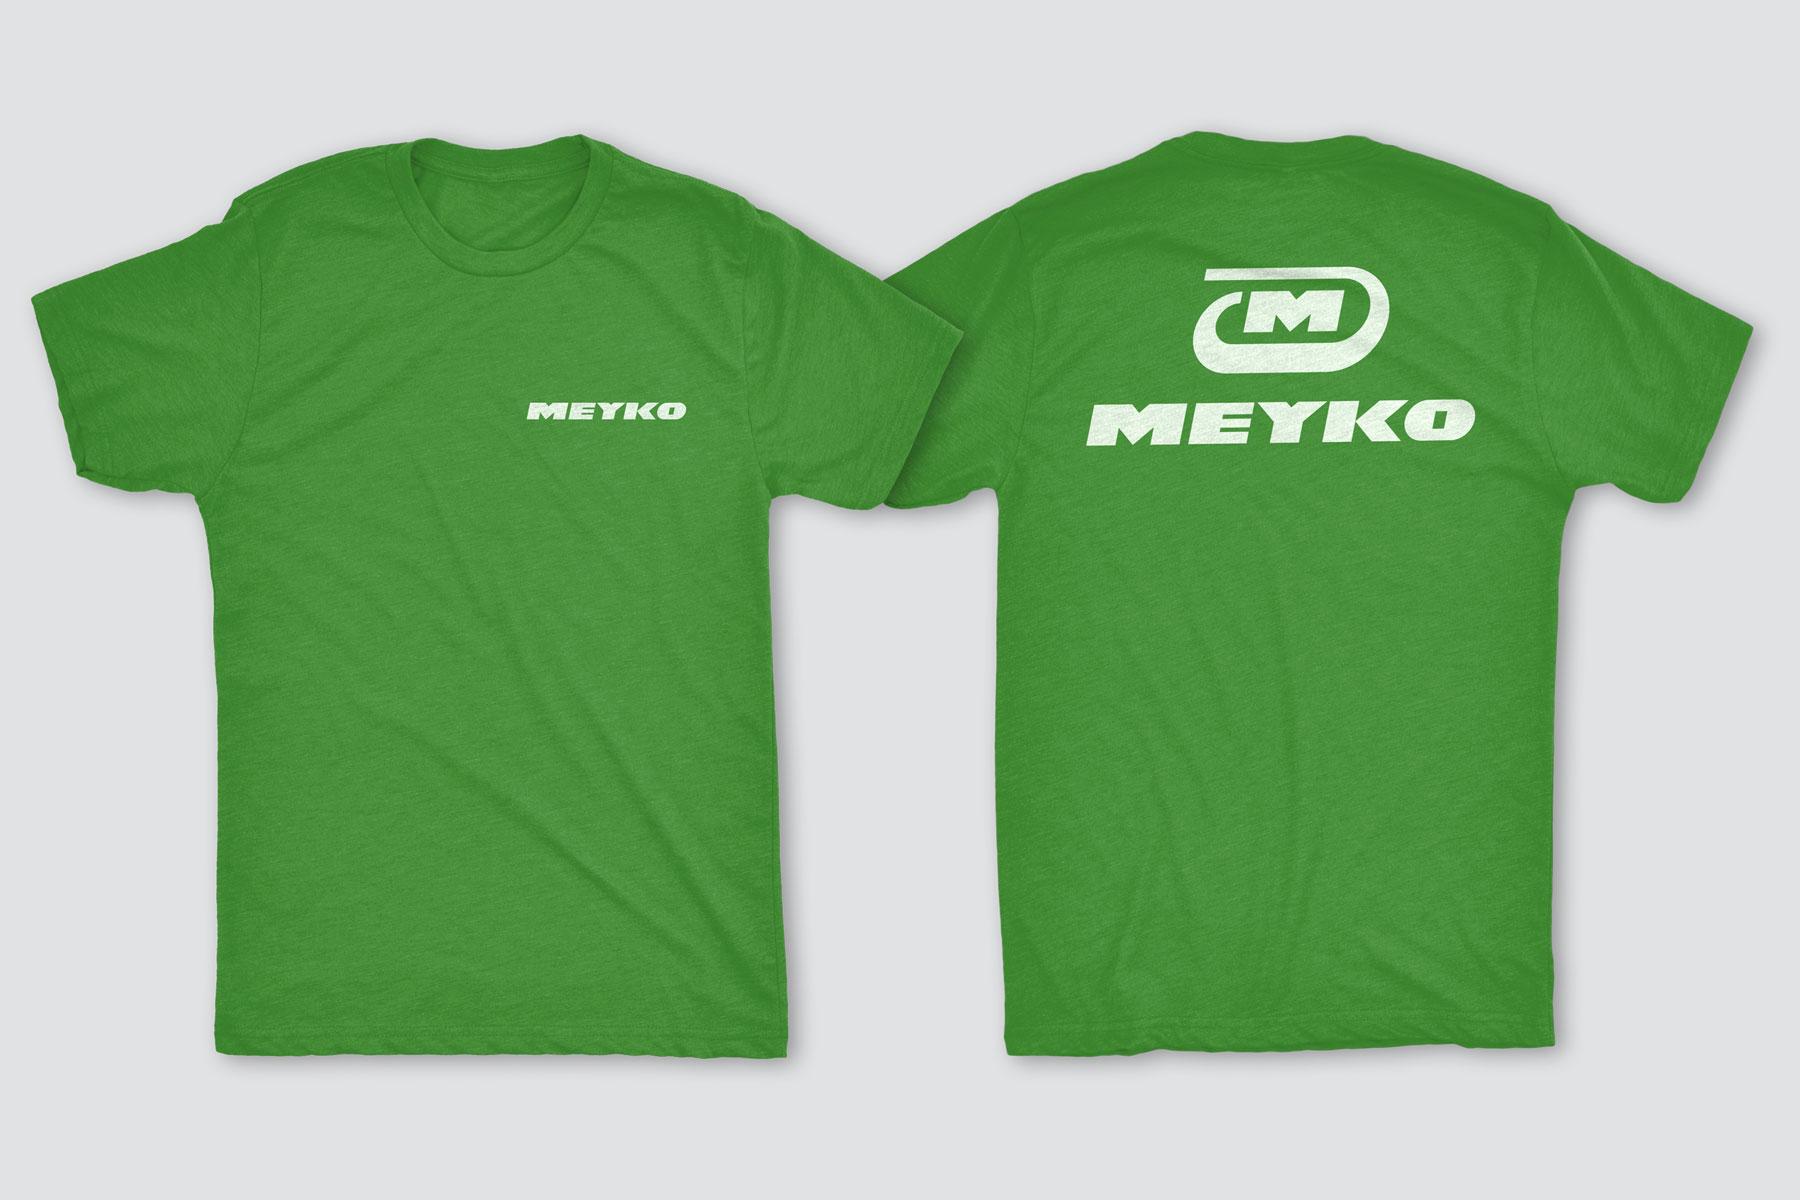 Man sieht das grasgrüne T-Shirt von Meyko. Auf der Vorderseite sieht man die Wortmarke, auf der Rückseite groß das Logo von Meyco, dem Spezialisten für Garten- und Kommunaltechnik. Das Corporate Design stammt von MAJORMAJOR.